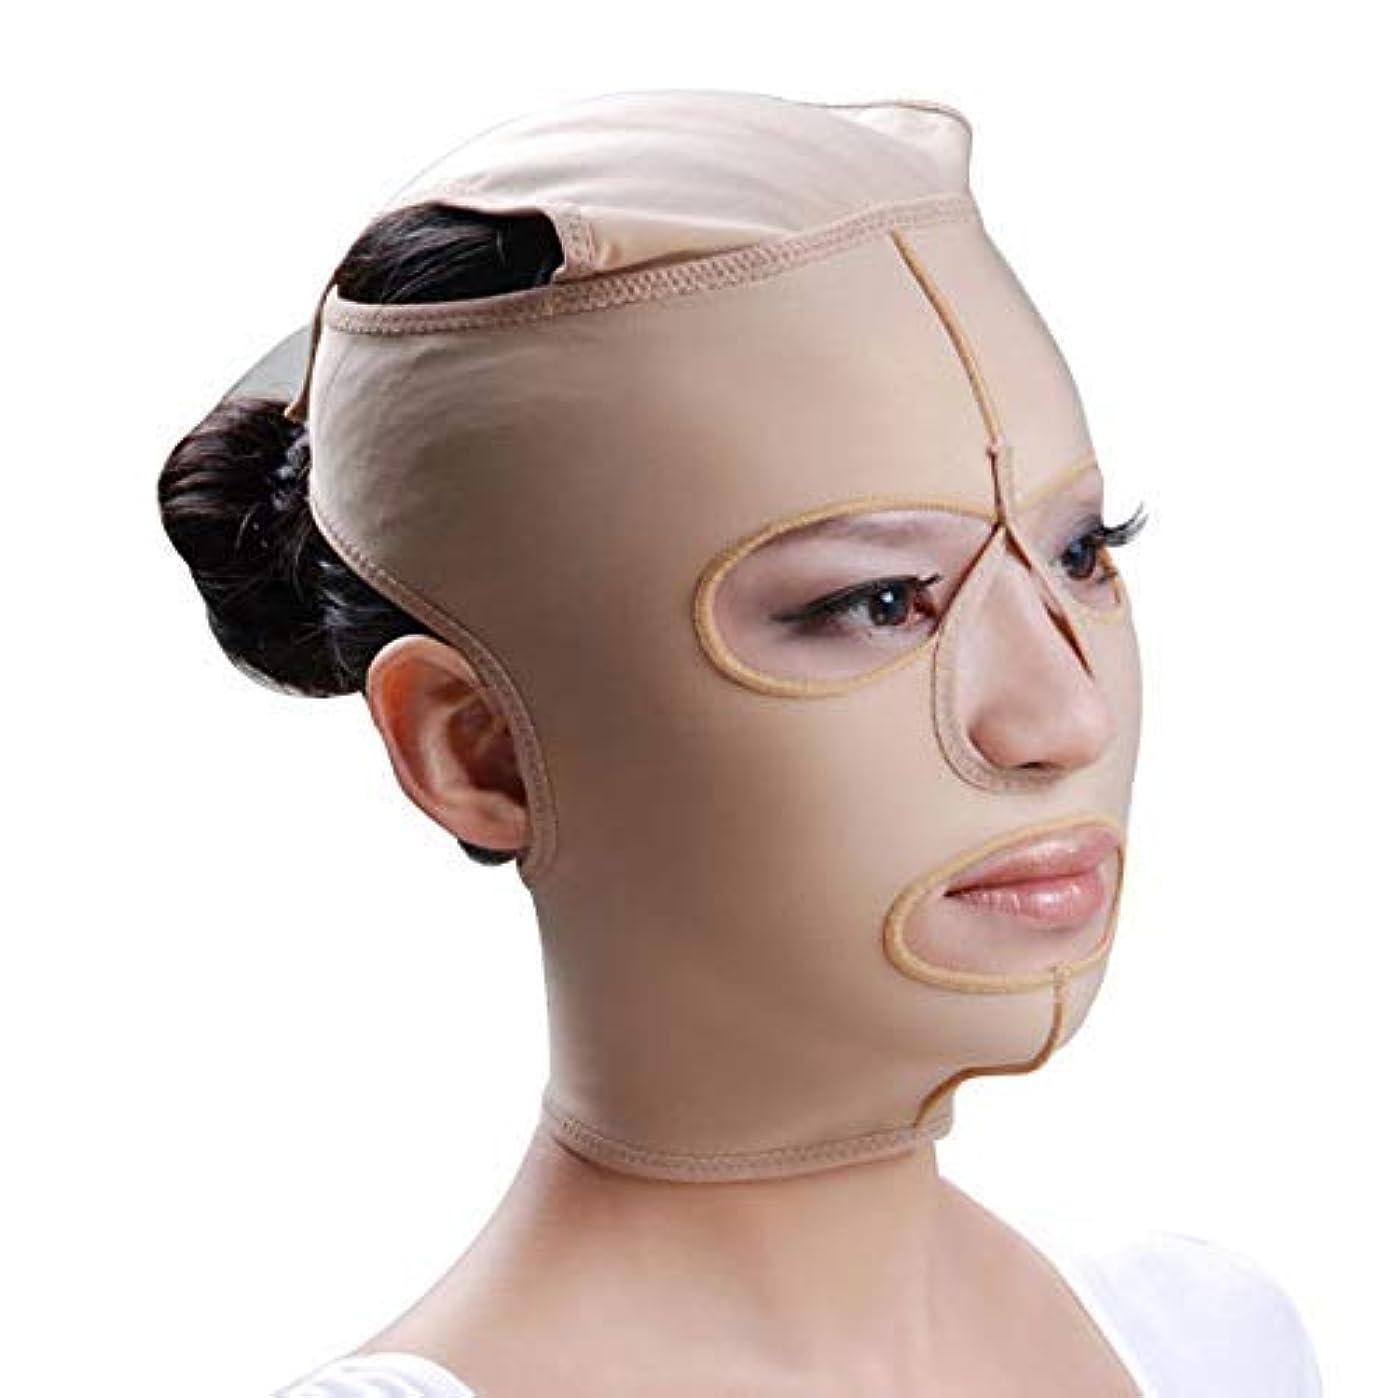 内側経度ディレイファーミングフェイスマスク、フェイシャルマスクエラスティックフェイスリフティングリフティングファーミングパターンマイクロフィニッシングポストモデリングコンプレッションフェイスマスク(サイズ:S),L